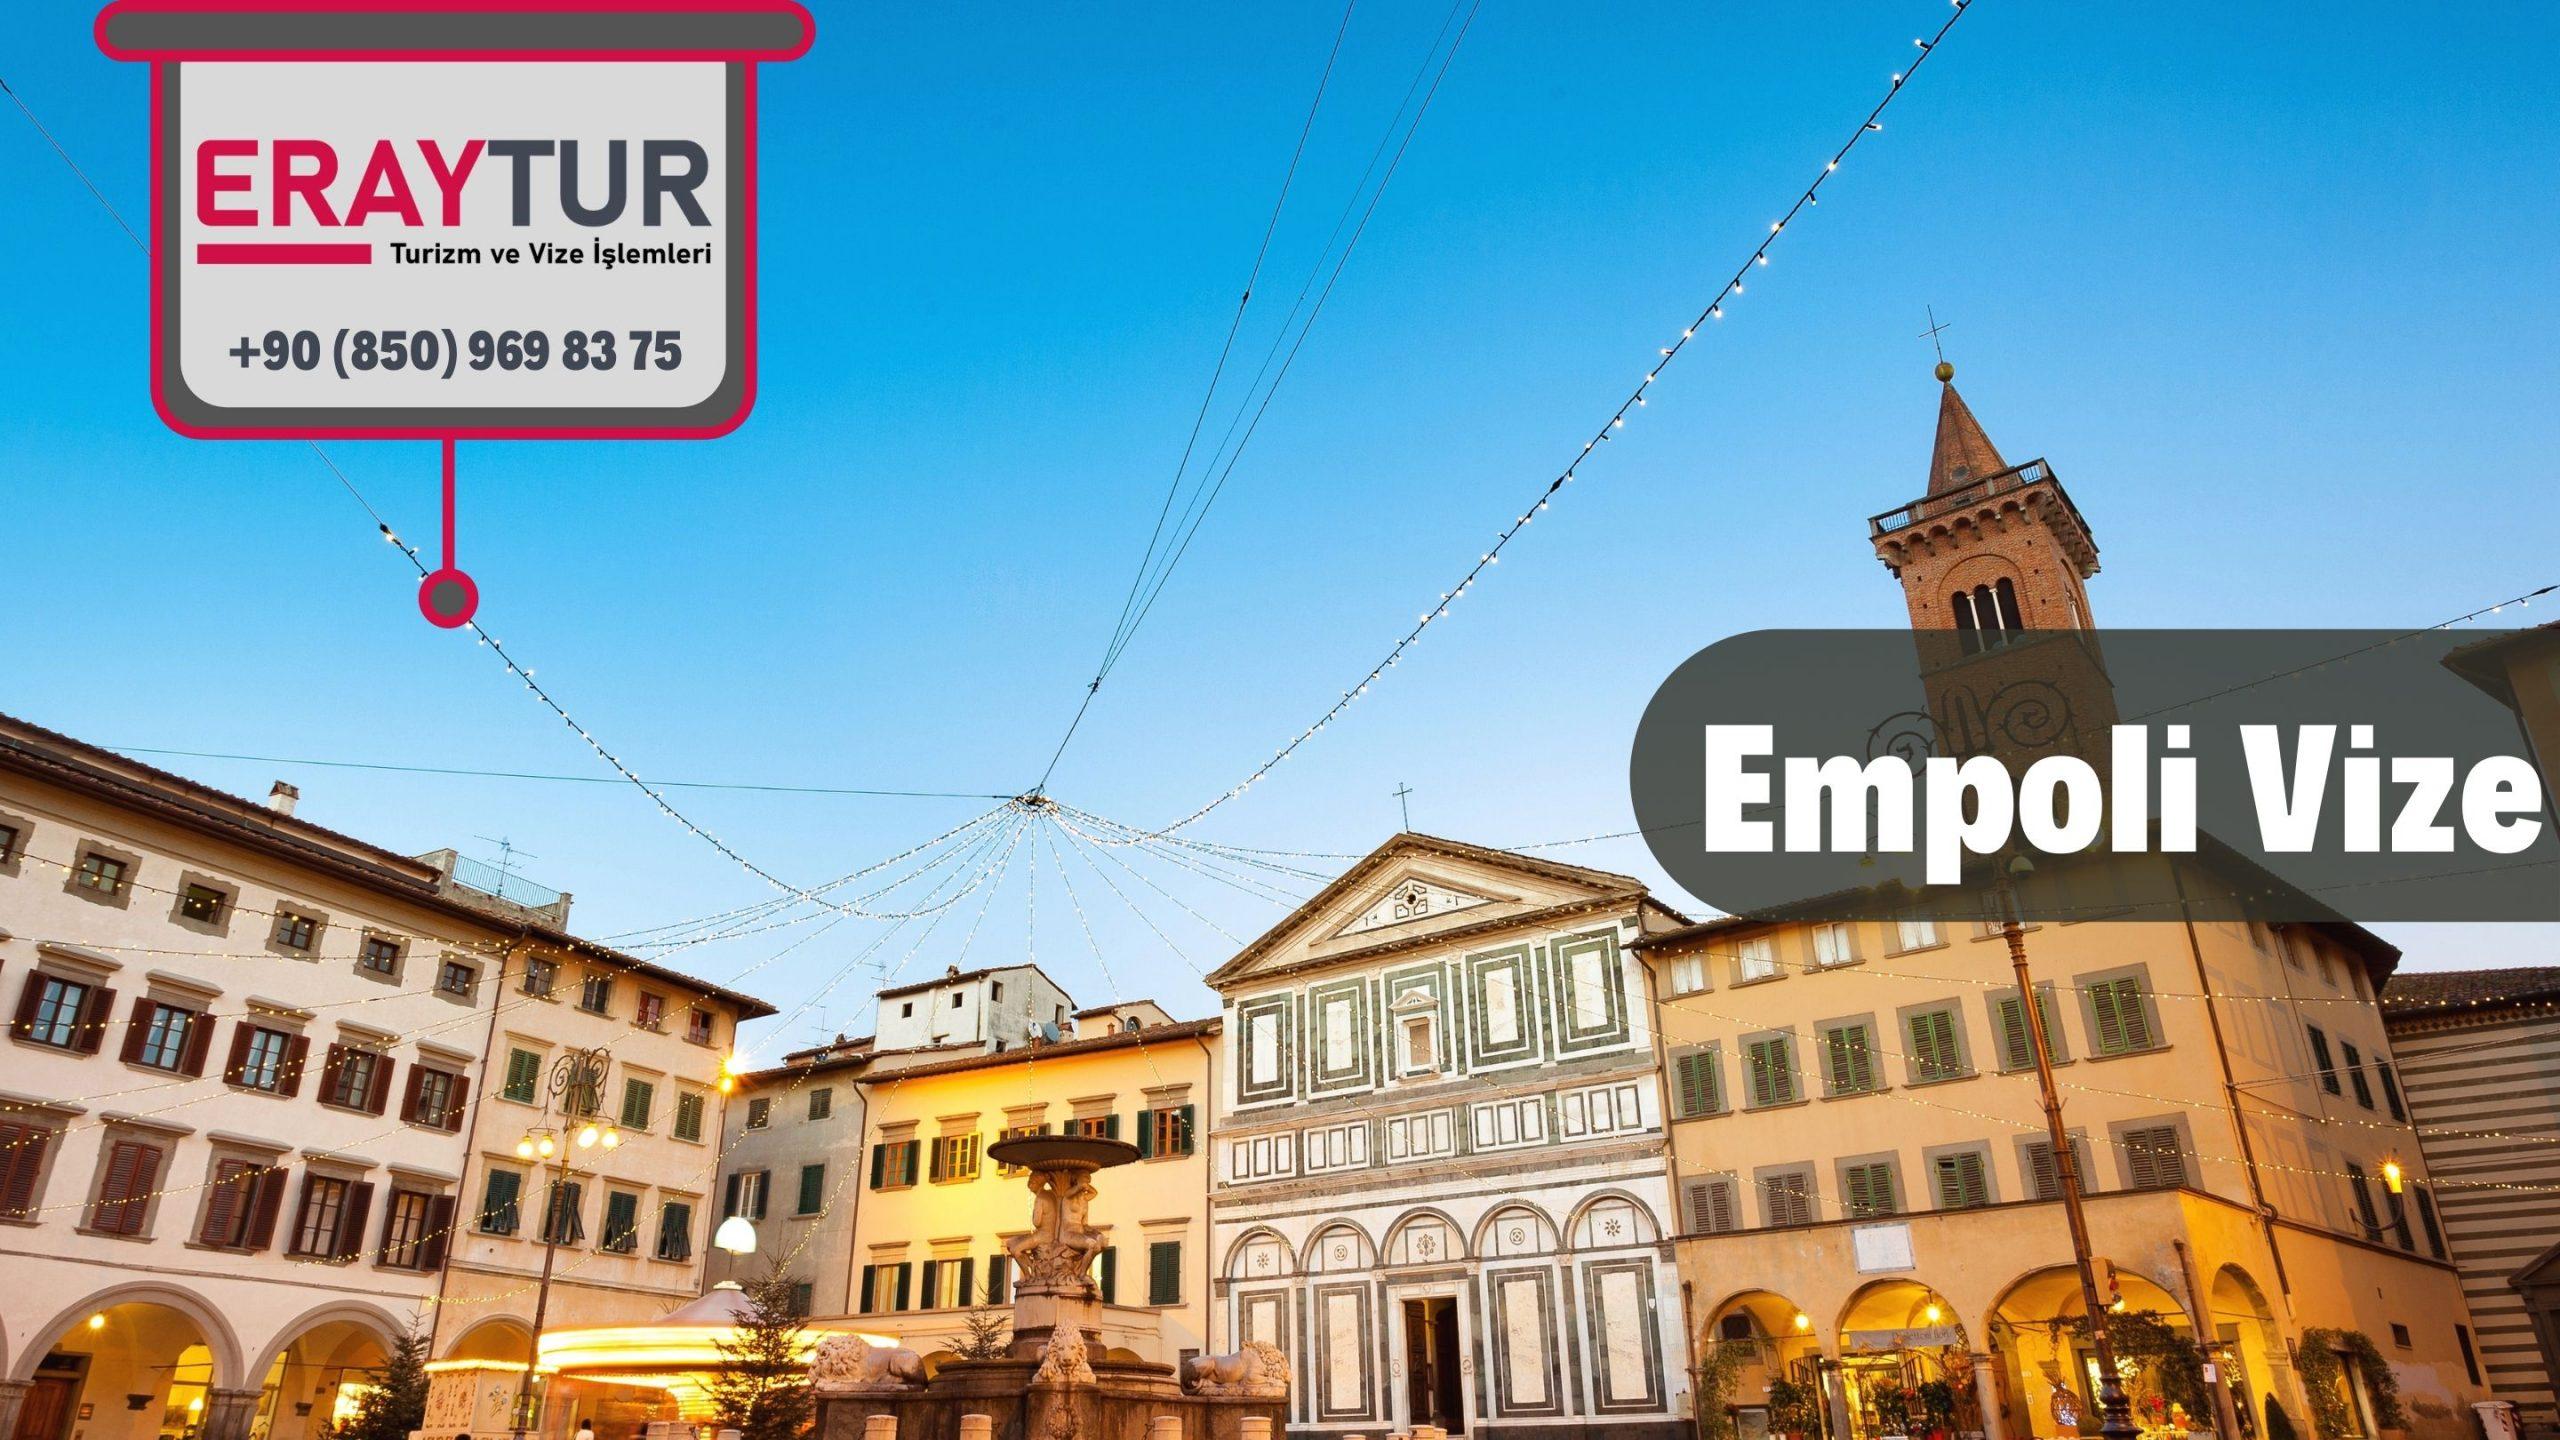 İtalya Empoli Vize Başvurusu